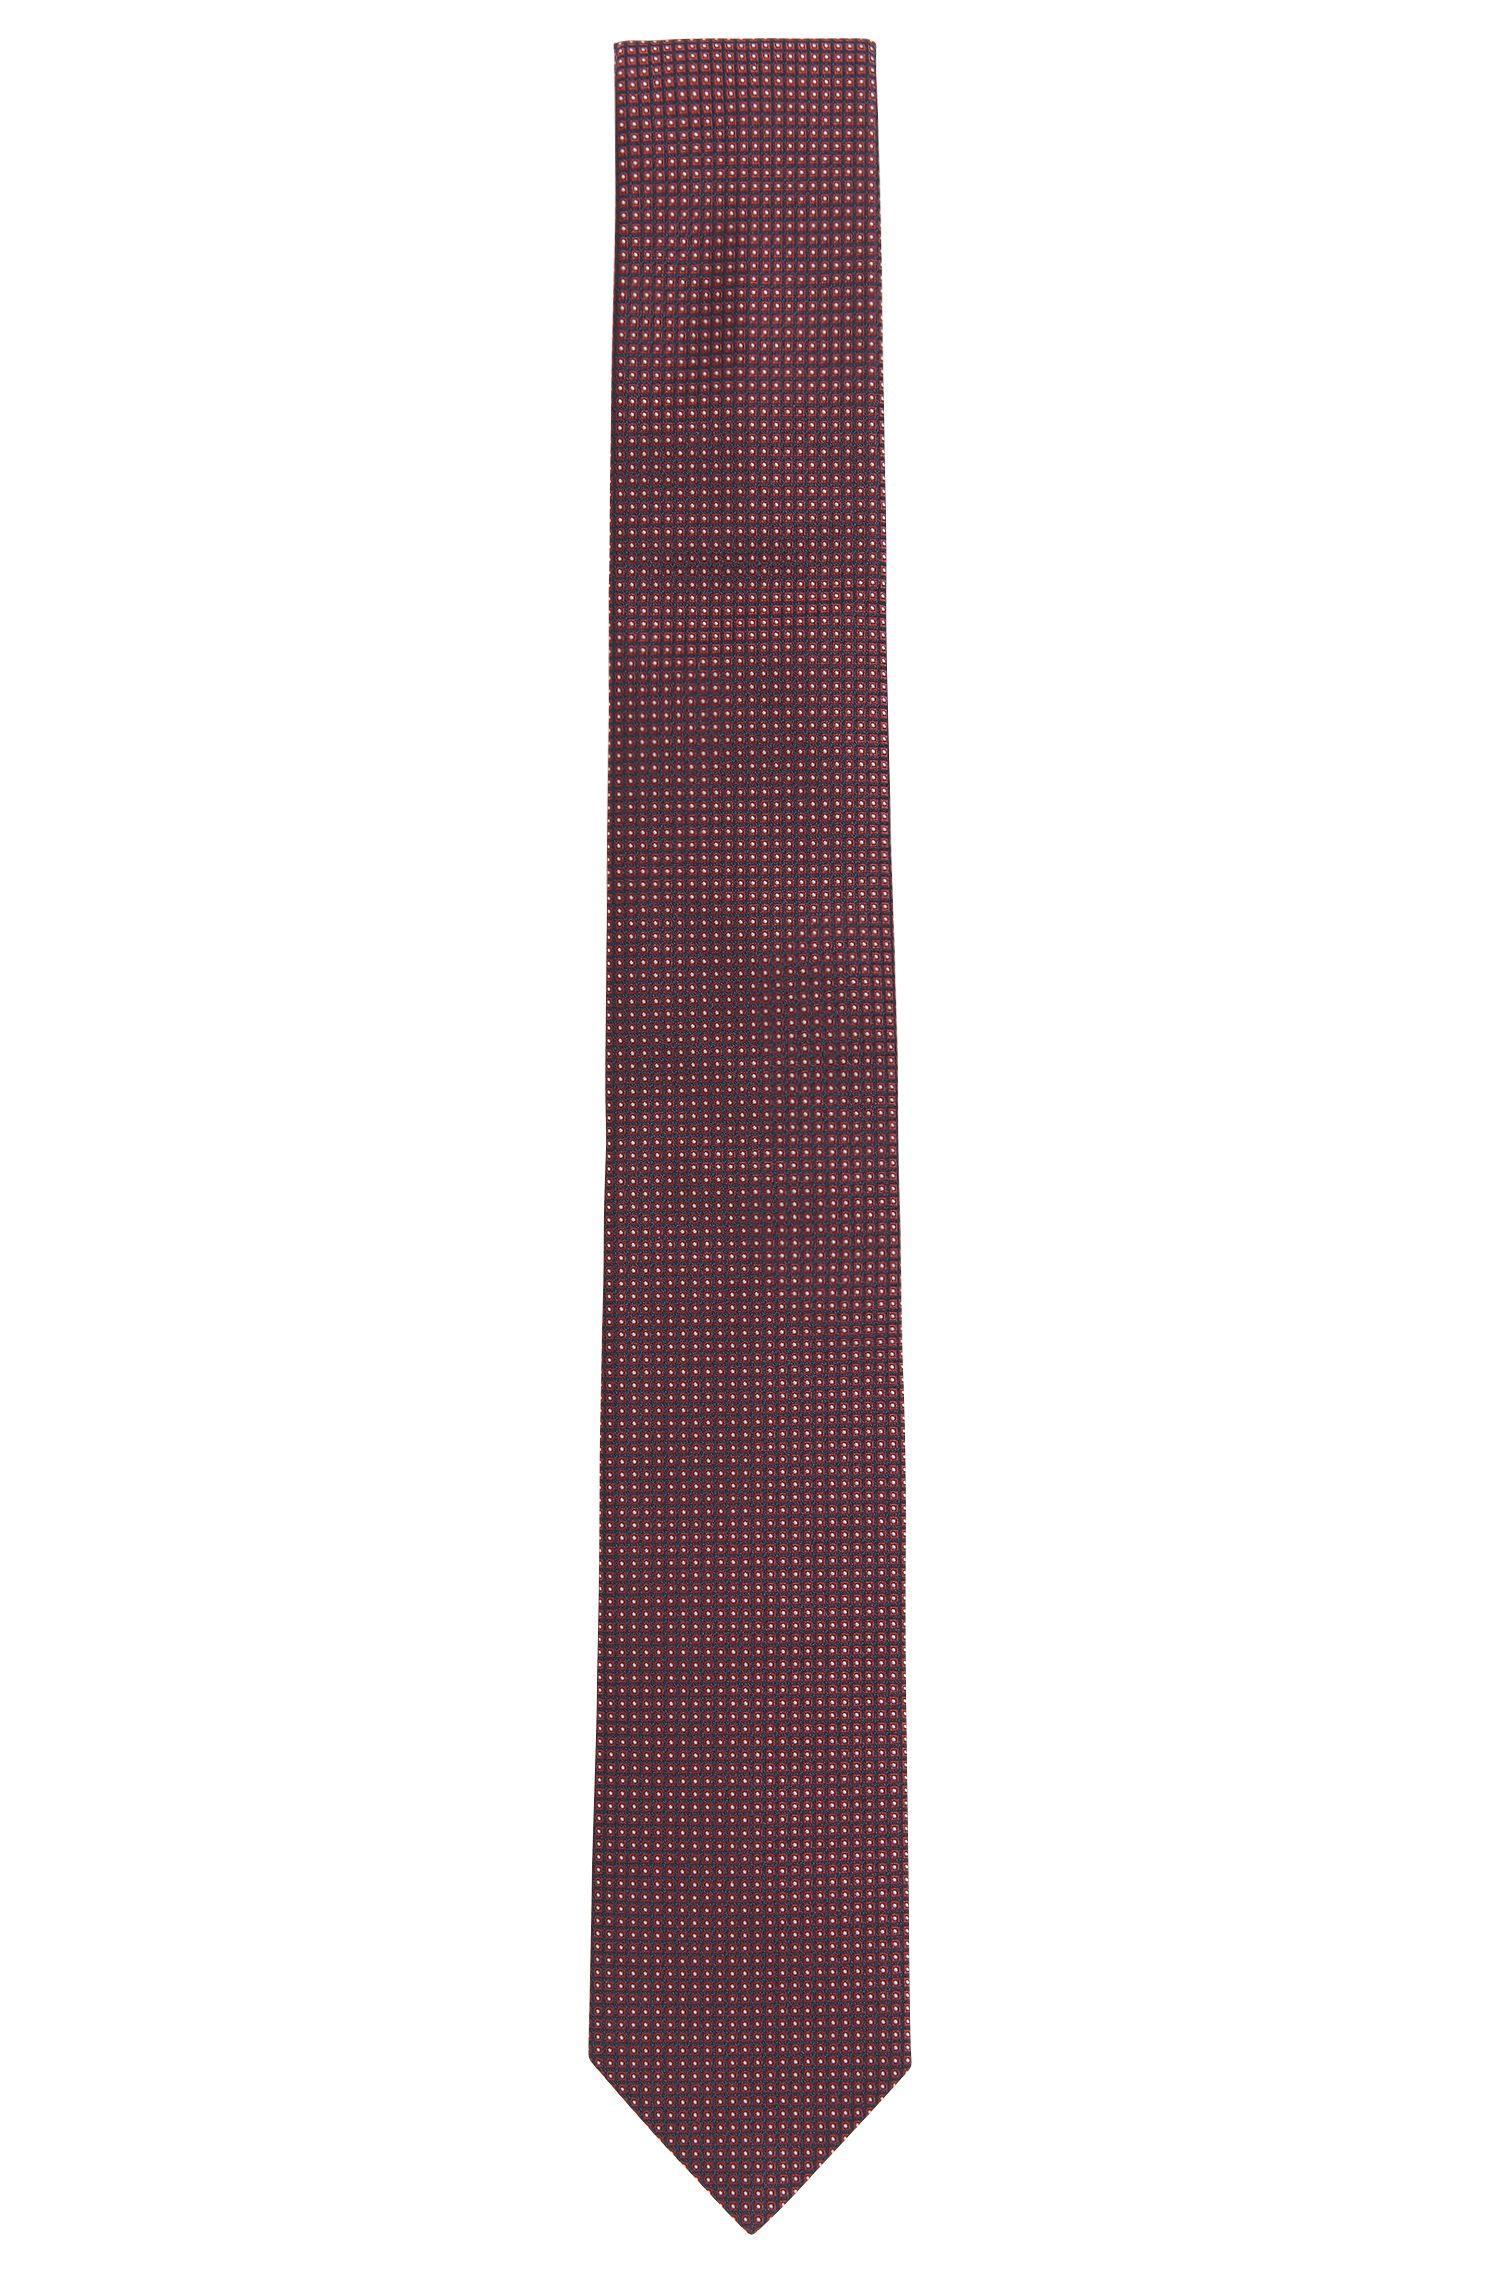 Corbata con estampado cuadriculado en jacquard de seda de gran calidad